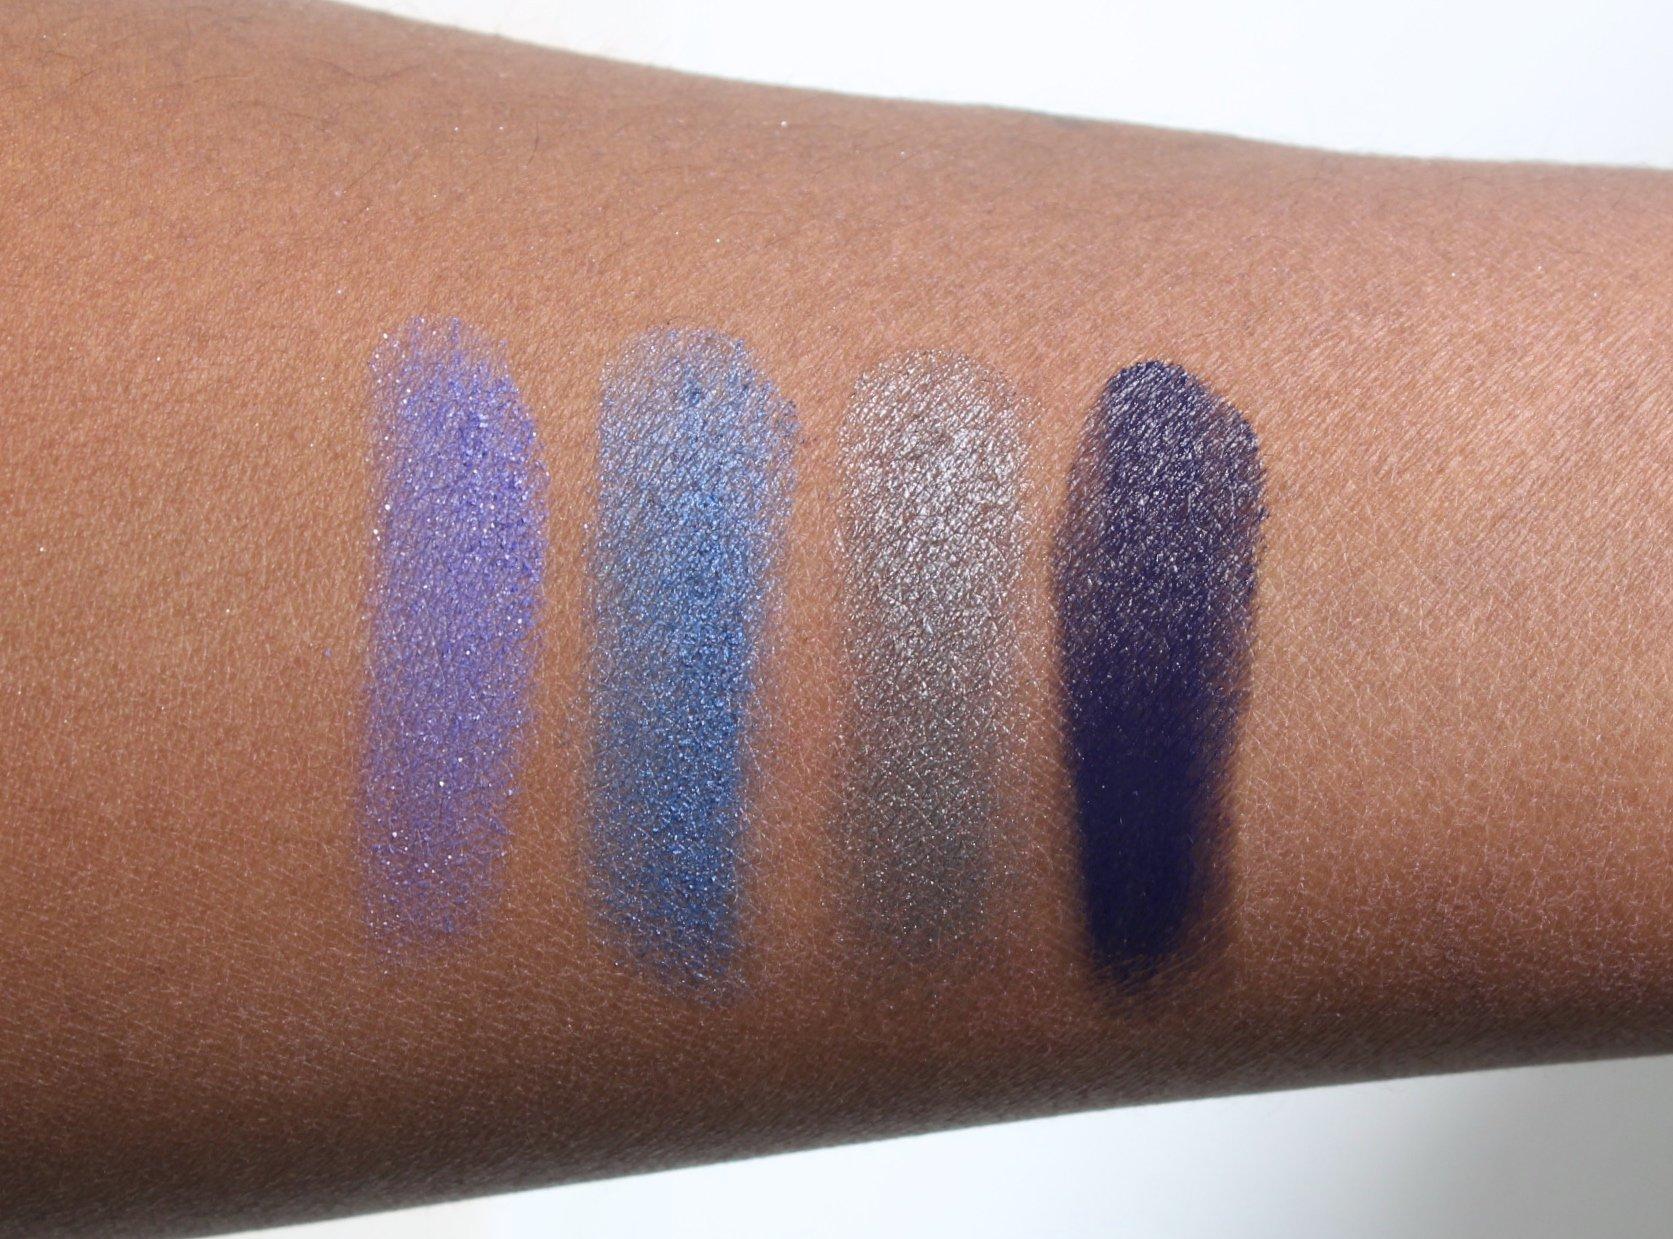 Sleek-Makeup-iQuad-Eyeshadow-Midnight-Blues-2